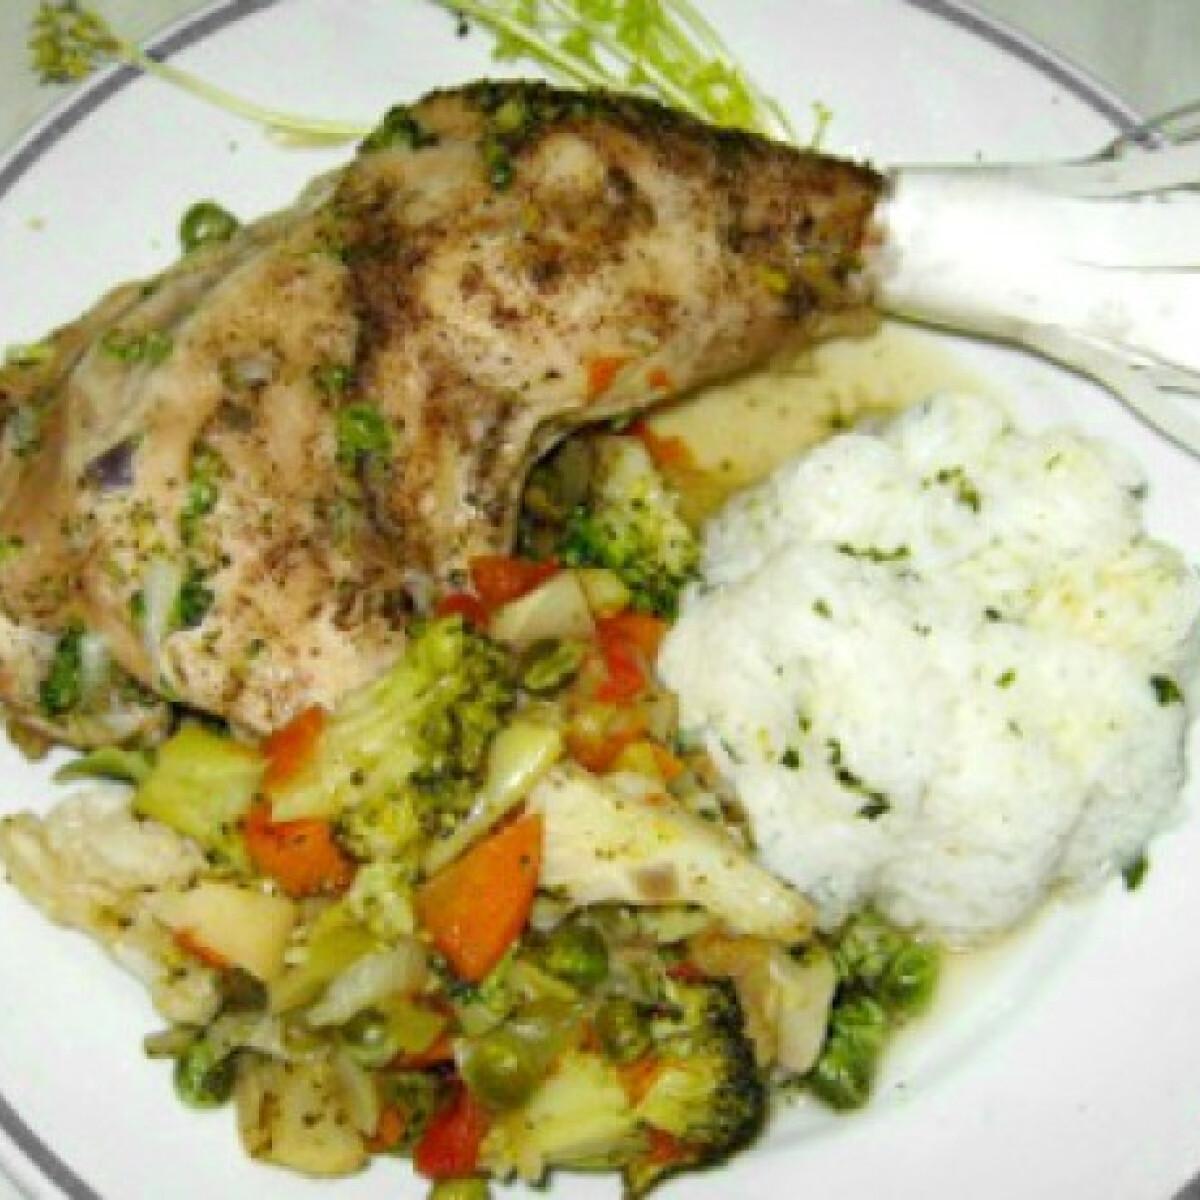 Zöldséges csirke Iluska konyhájából